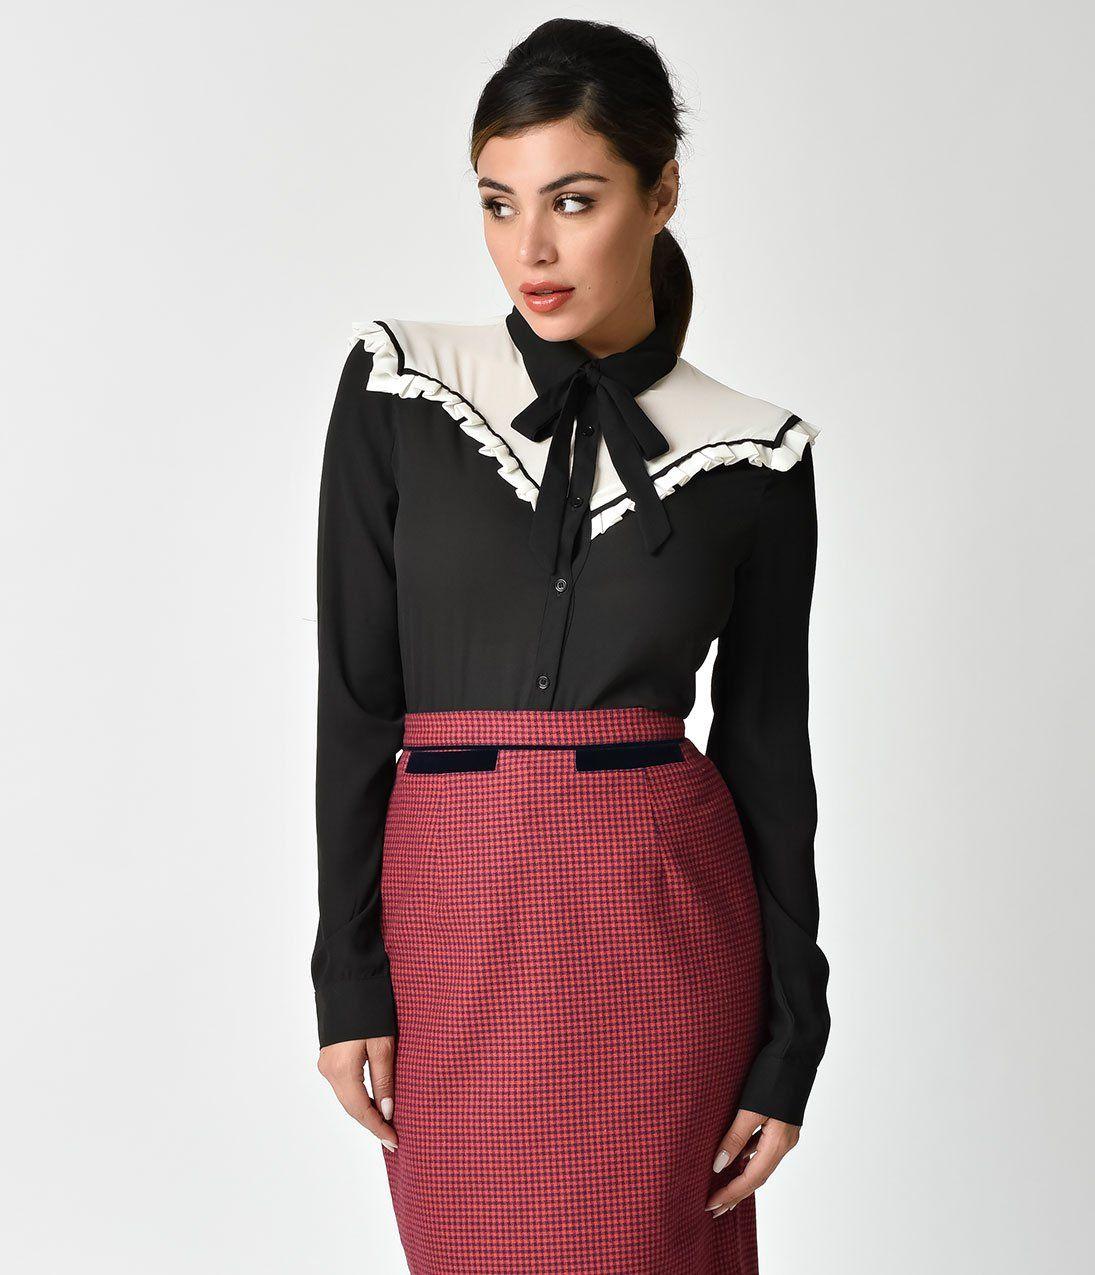 d48b0d3ac336 Black   White Button Up Tie Chiffon Blouse – Unique Vintage ...